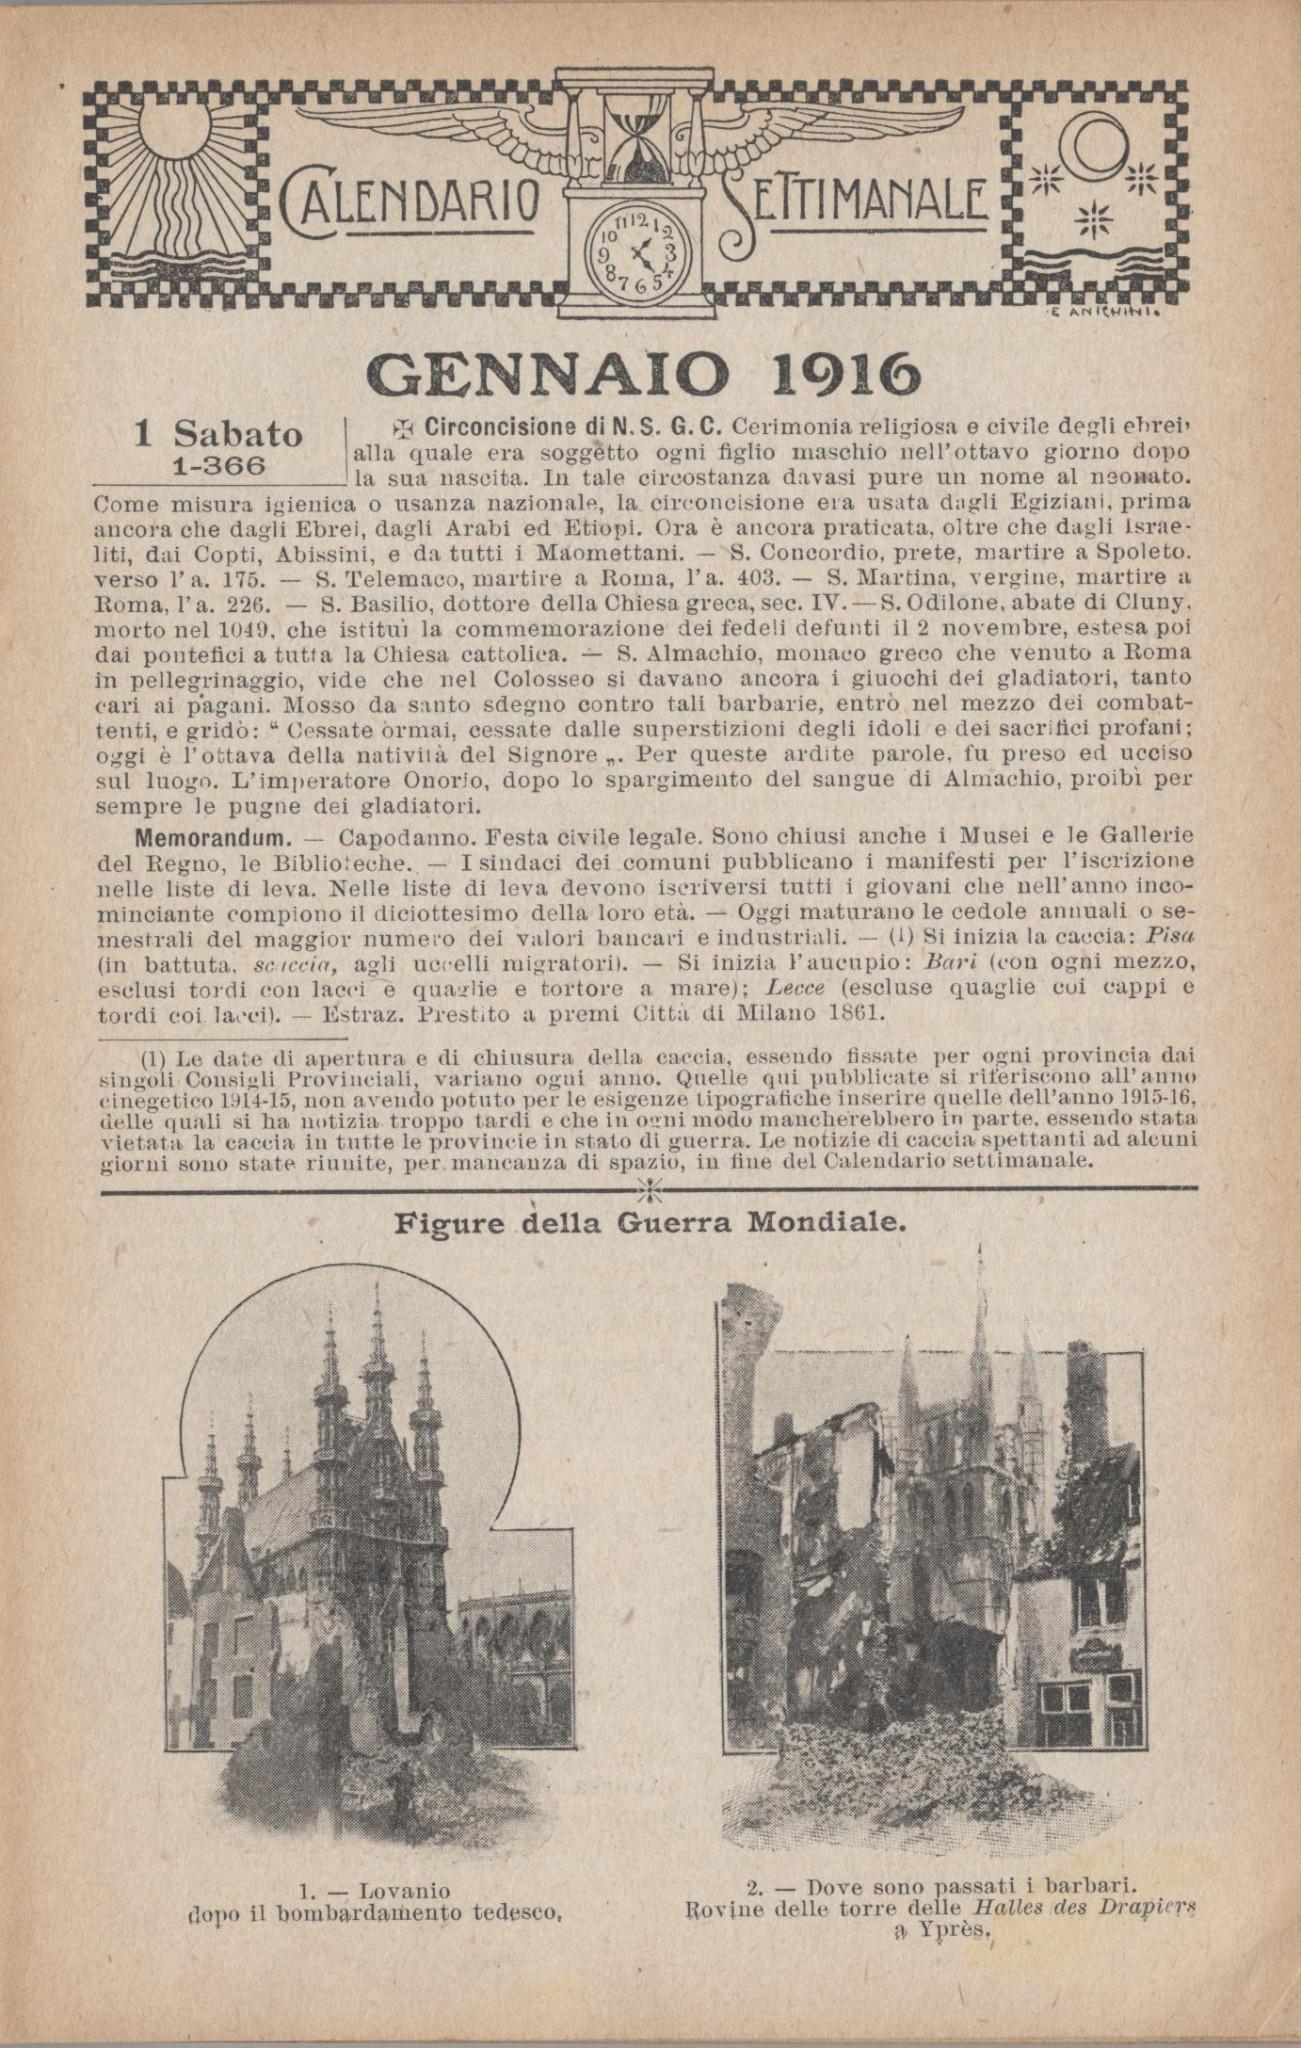 almanacco italiano 1916